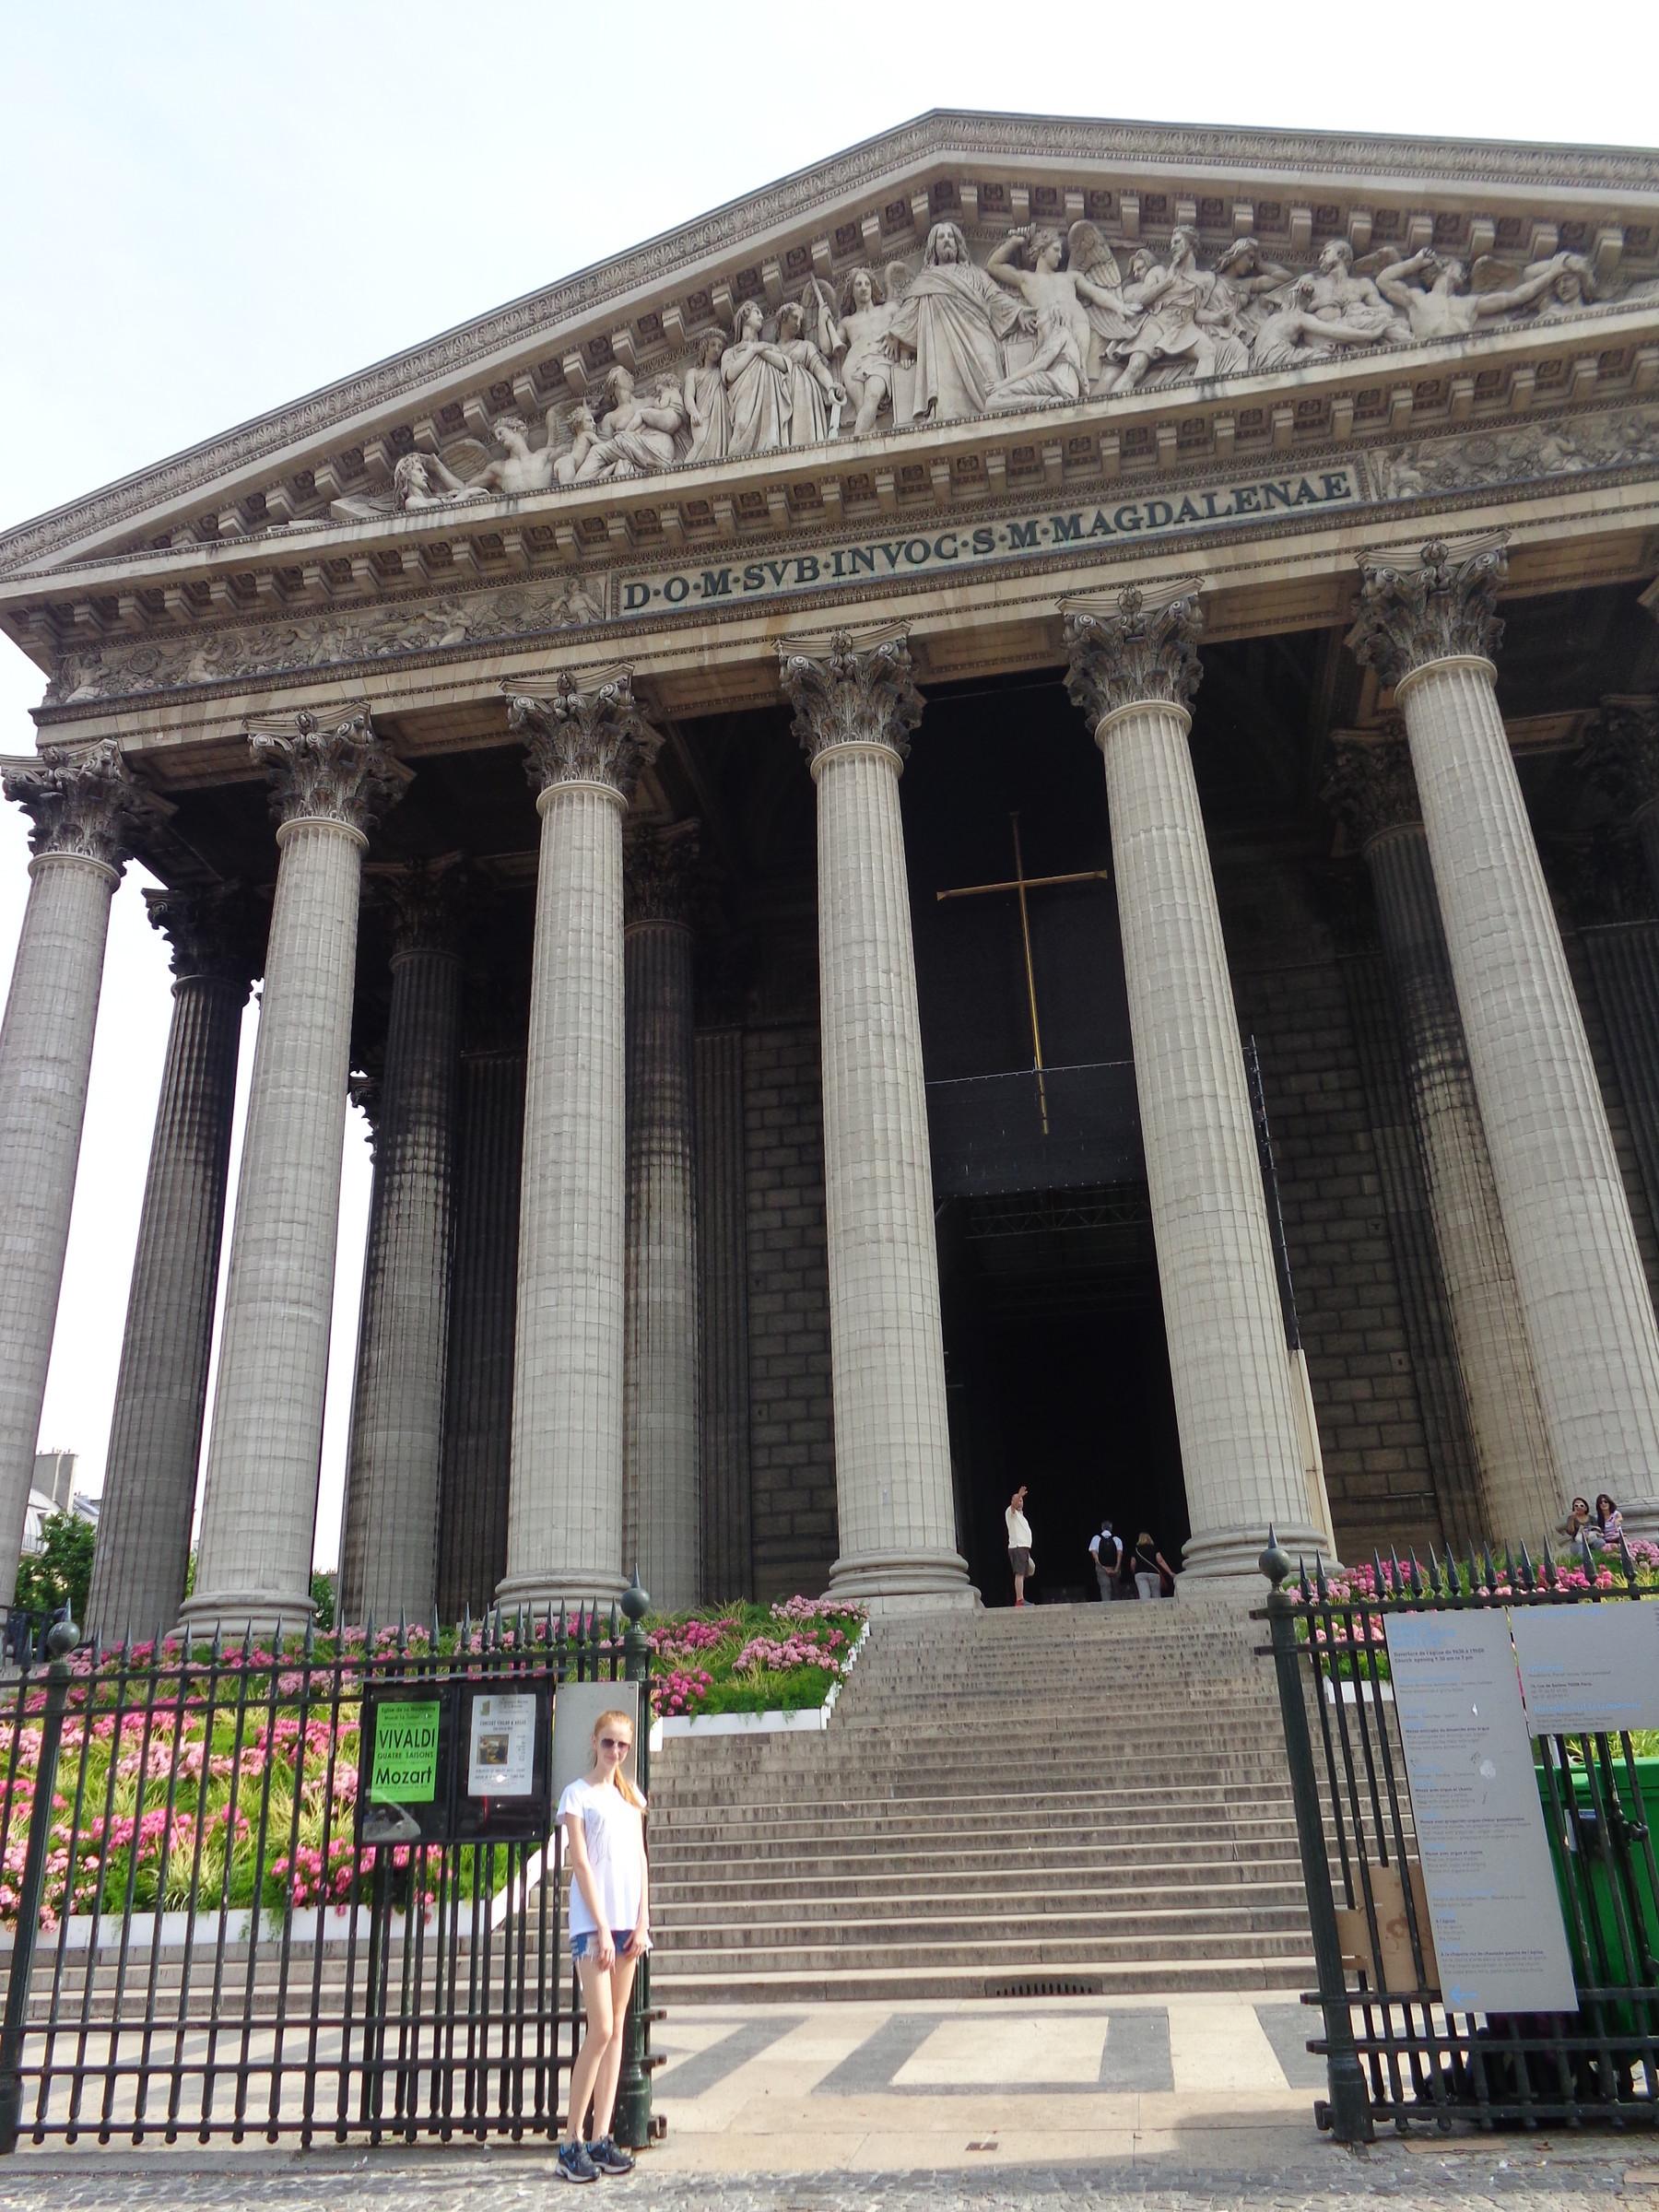 Собор Марии-Магдалины, в простонародье Мадлен, была завершена в 1814 году архитектором Виньоном. Своим видом с колоннами напоминает классический греческий храм., Париж